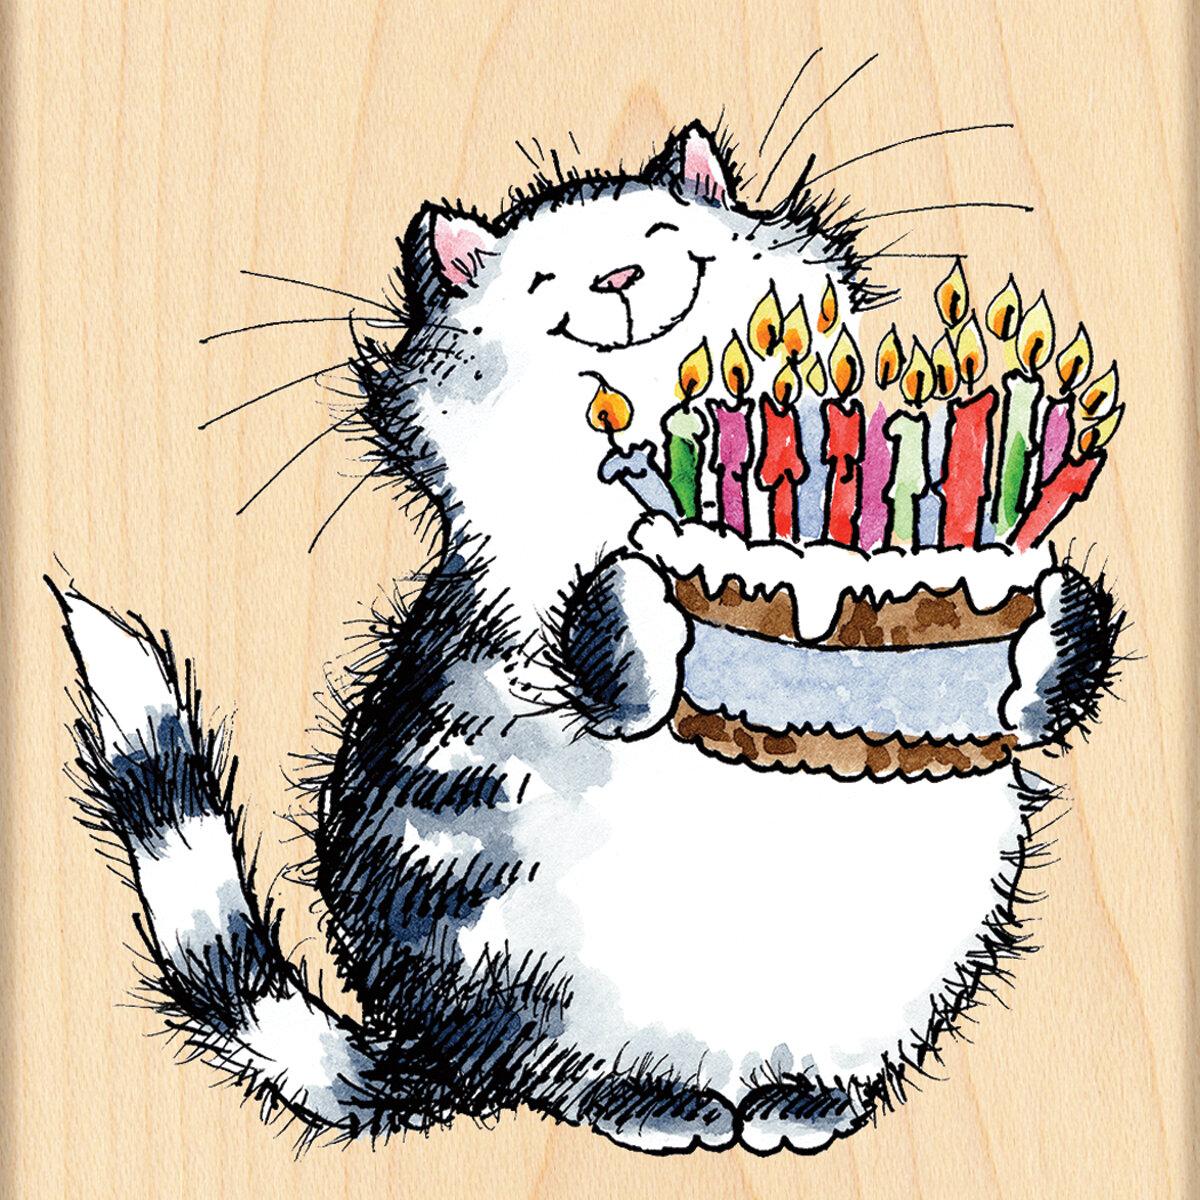 Открытка с днем рождения оригинальная с котом, смешные картинки про